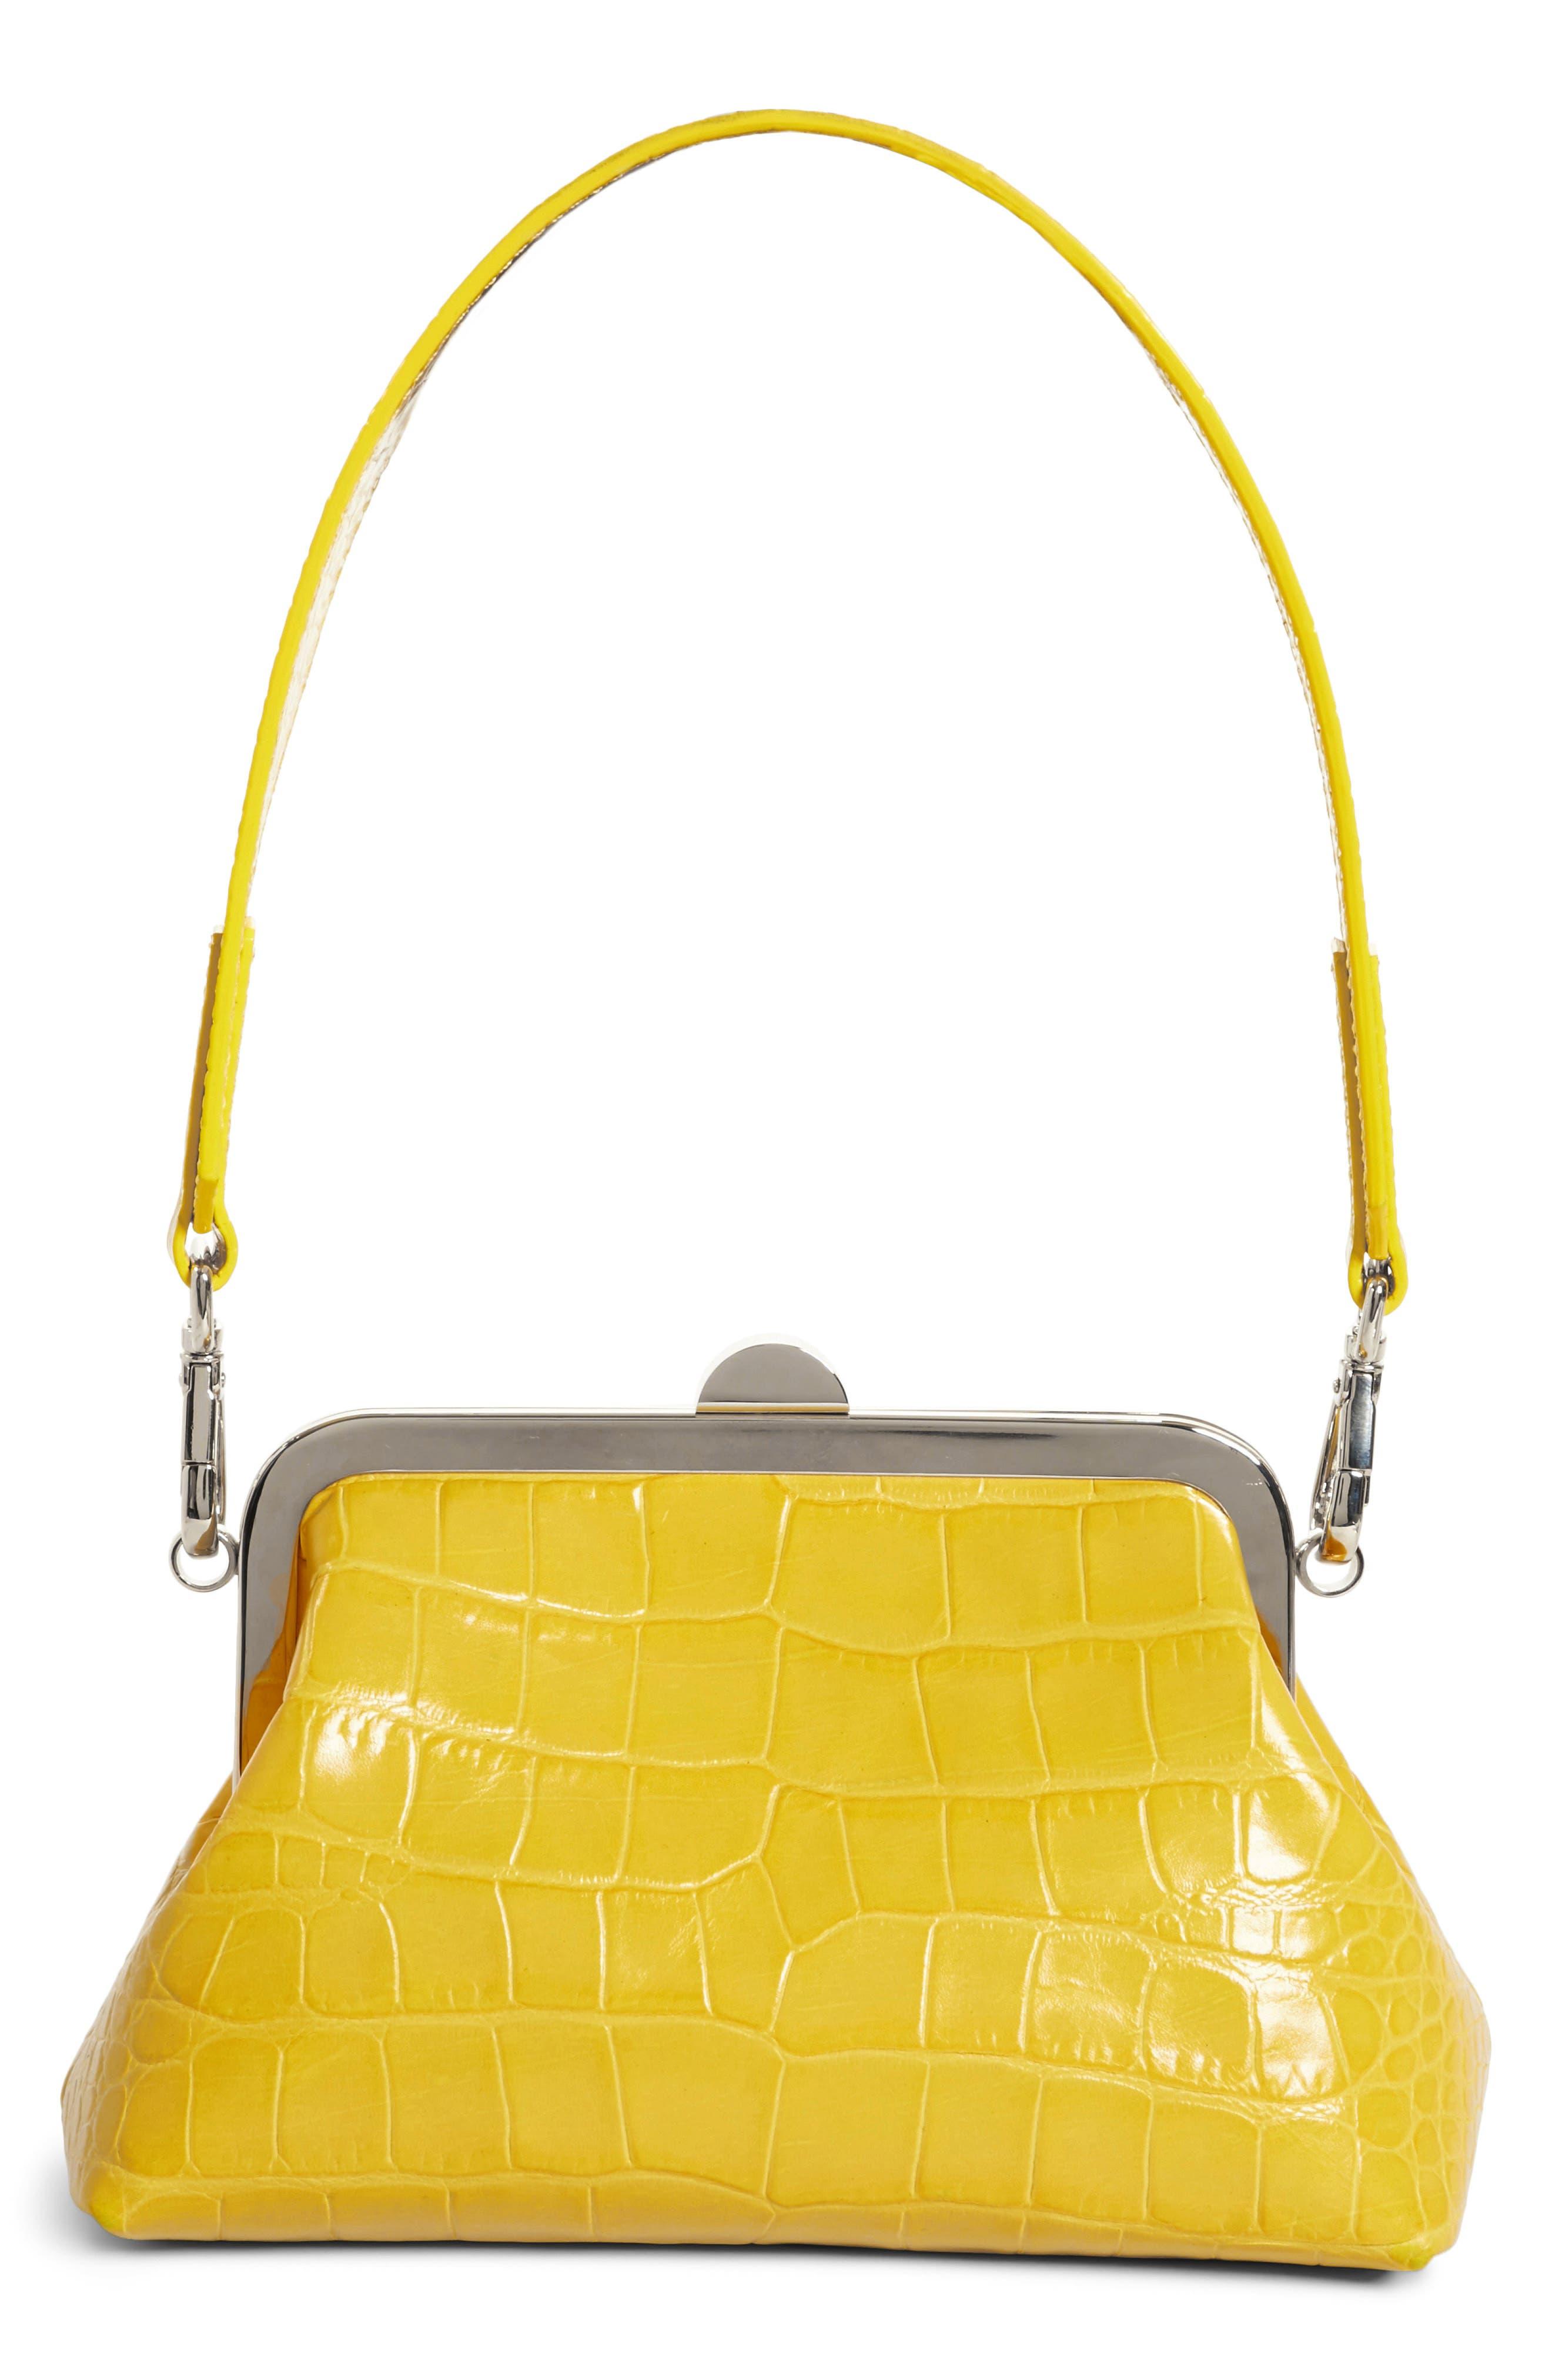 Marques'Almeida Croc Embossed Leather Handbag